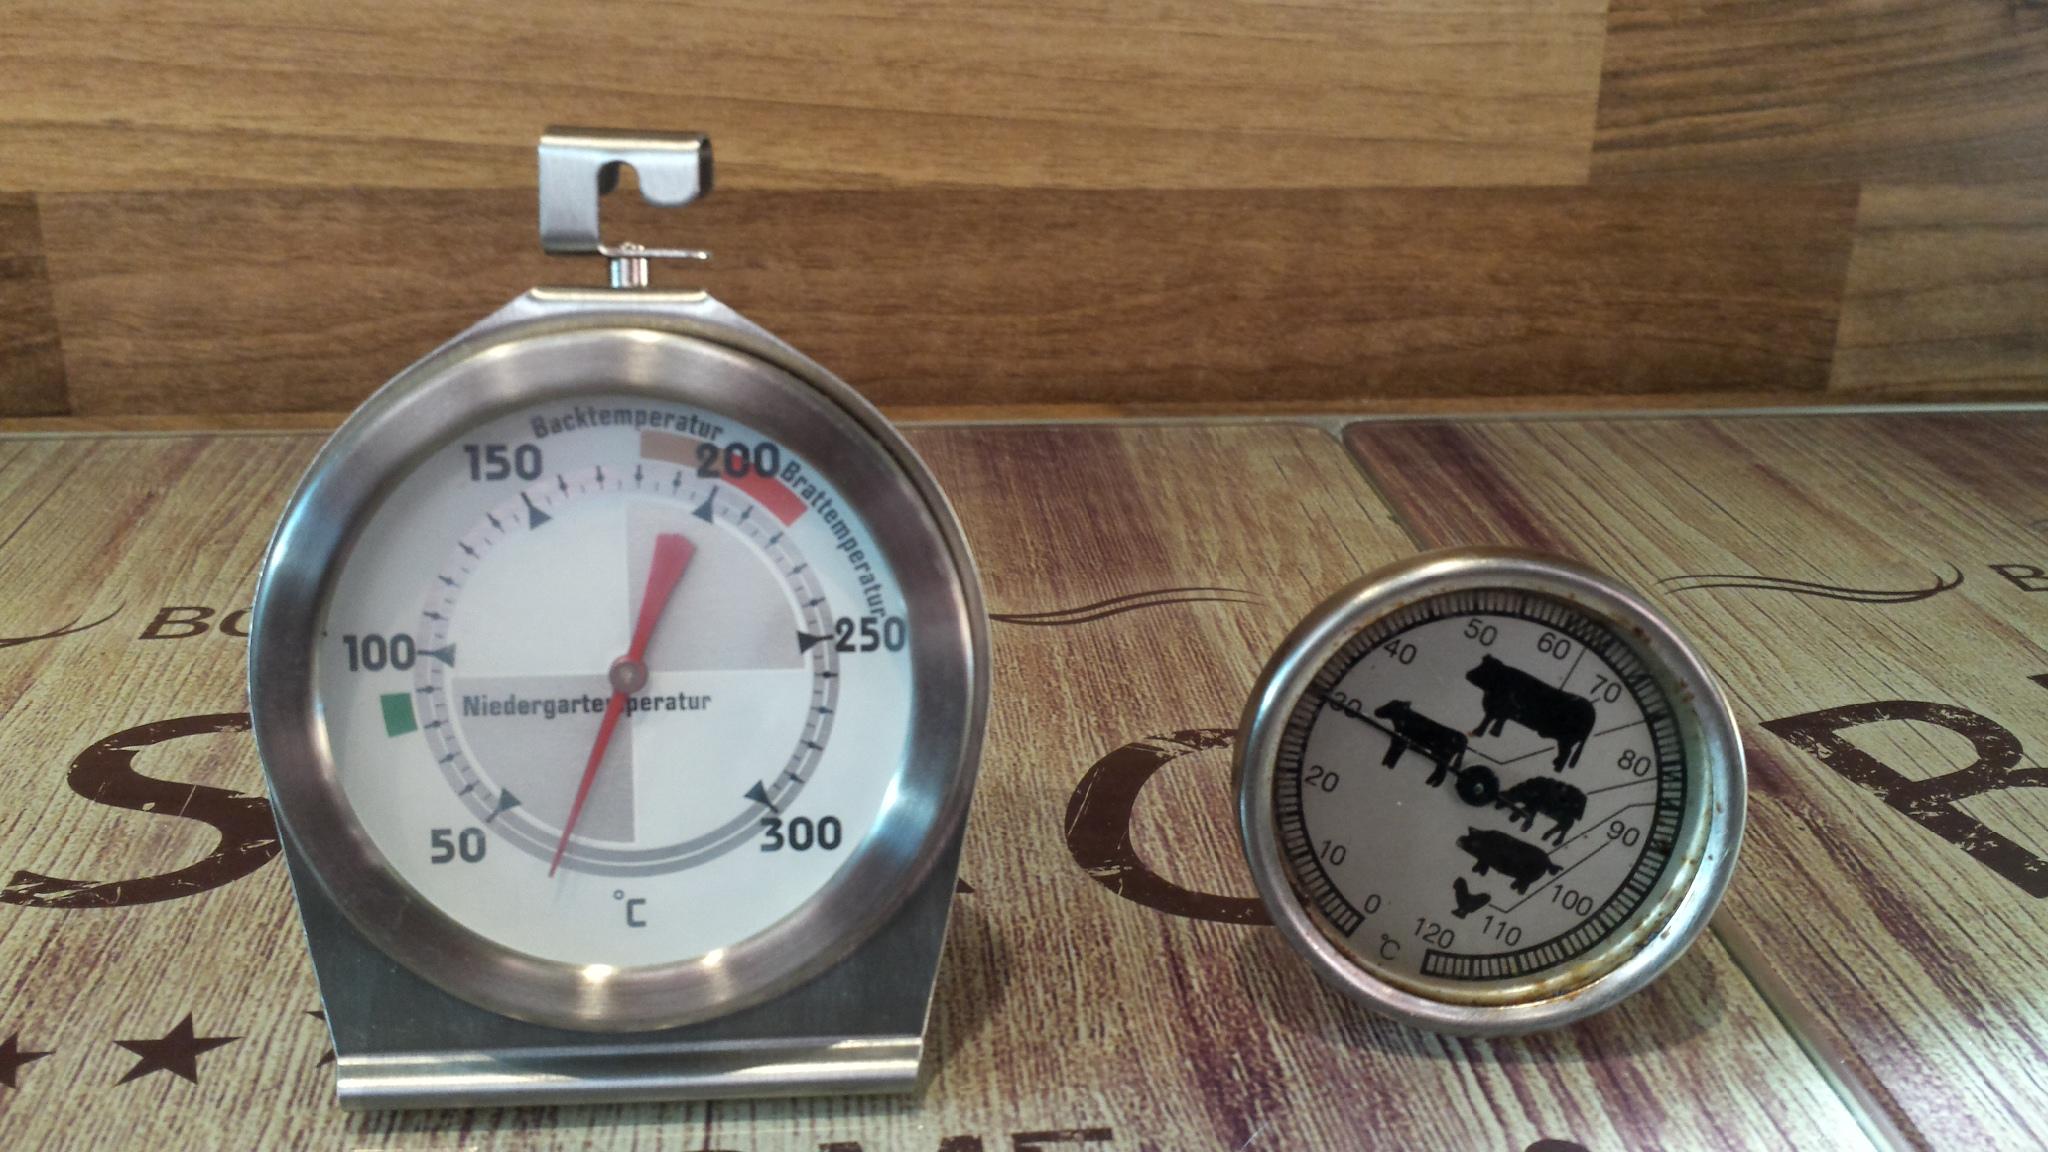 Meine Ausstattung – Thermometer